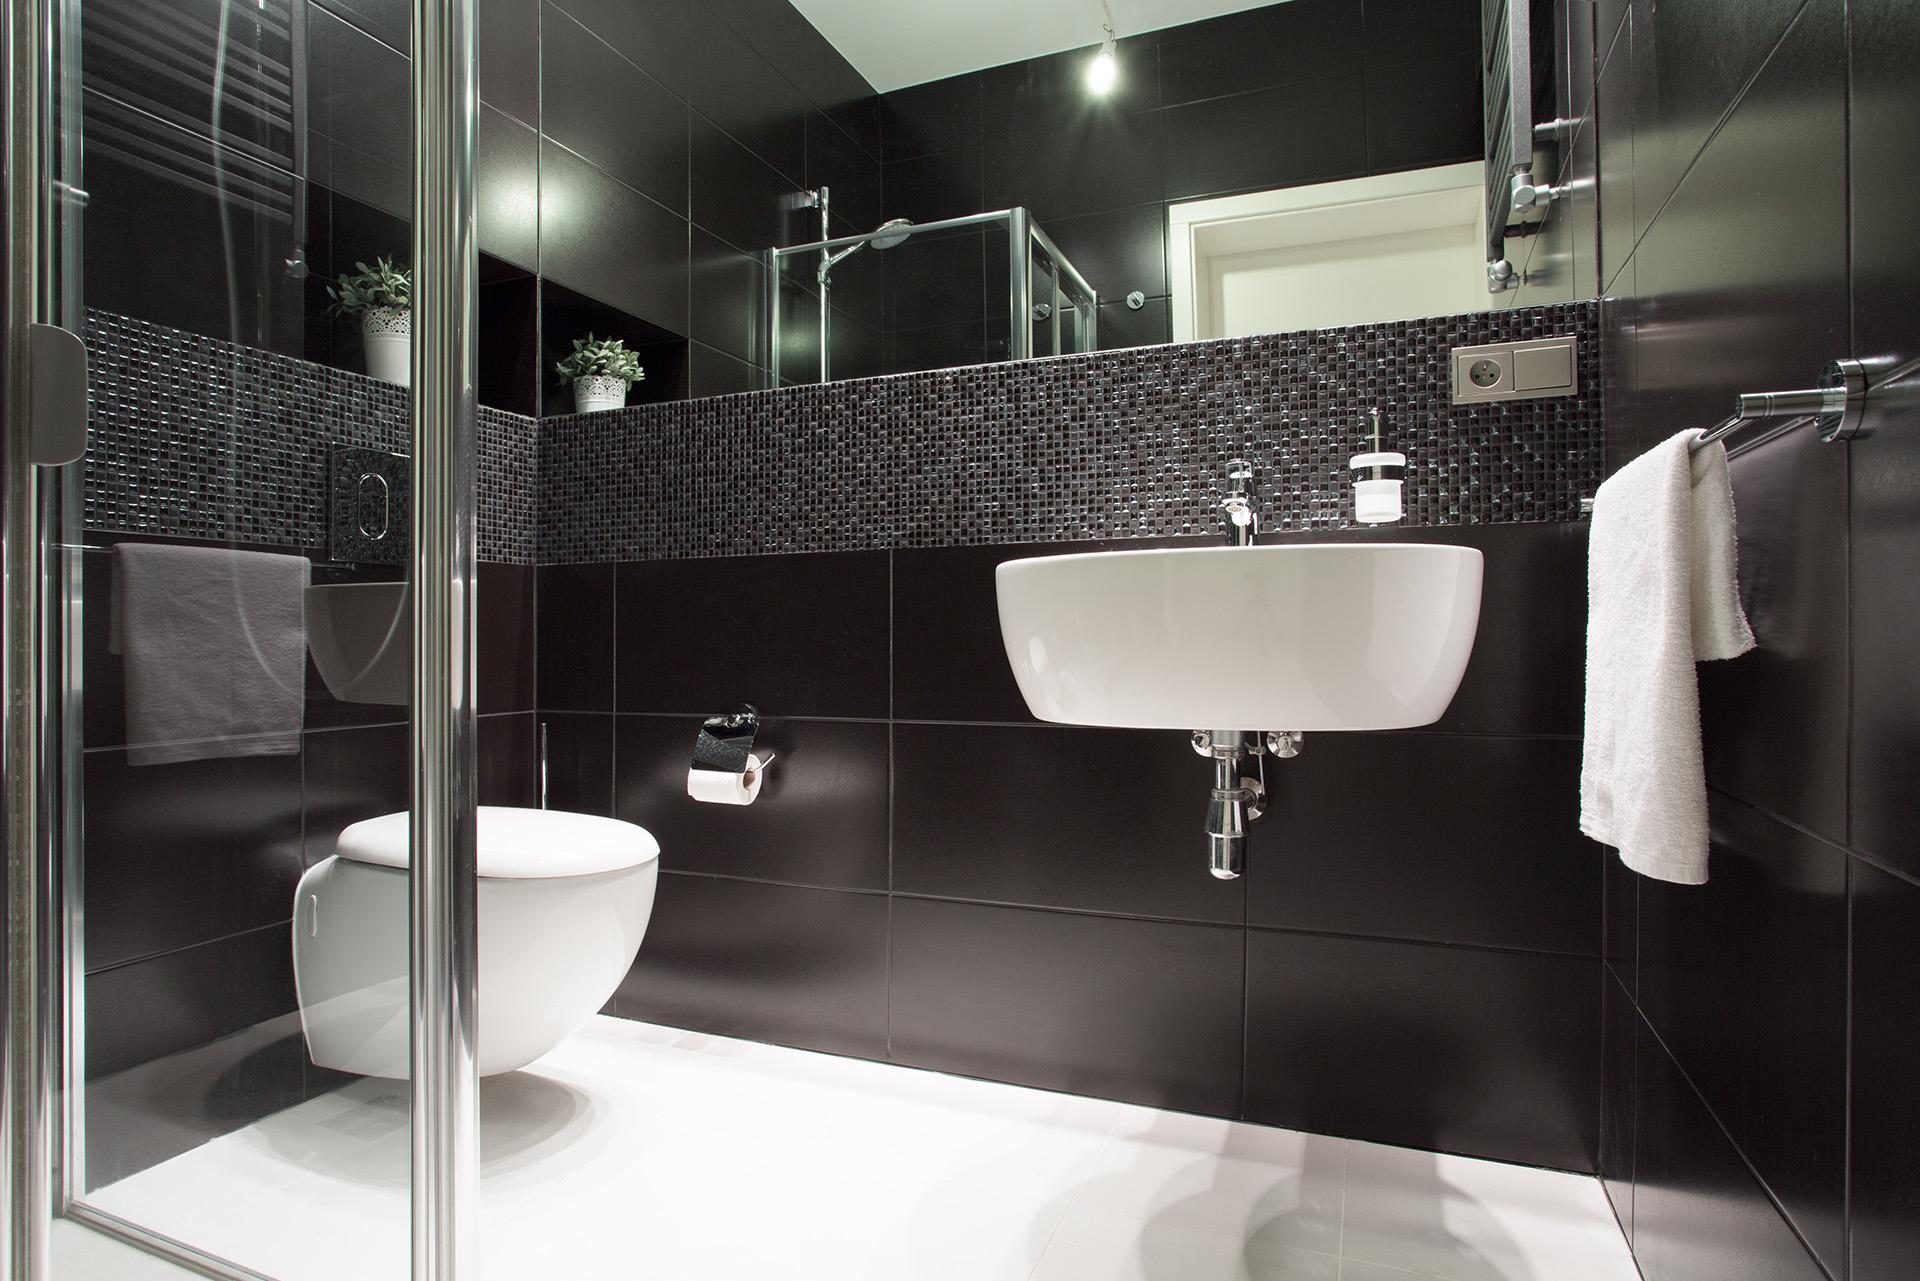 VAGUS HAUSTECHNIK - Badinstallation - modernes Bad mit schwarzen Fliesen